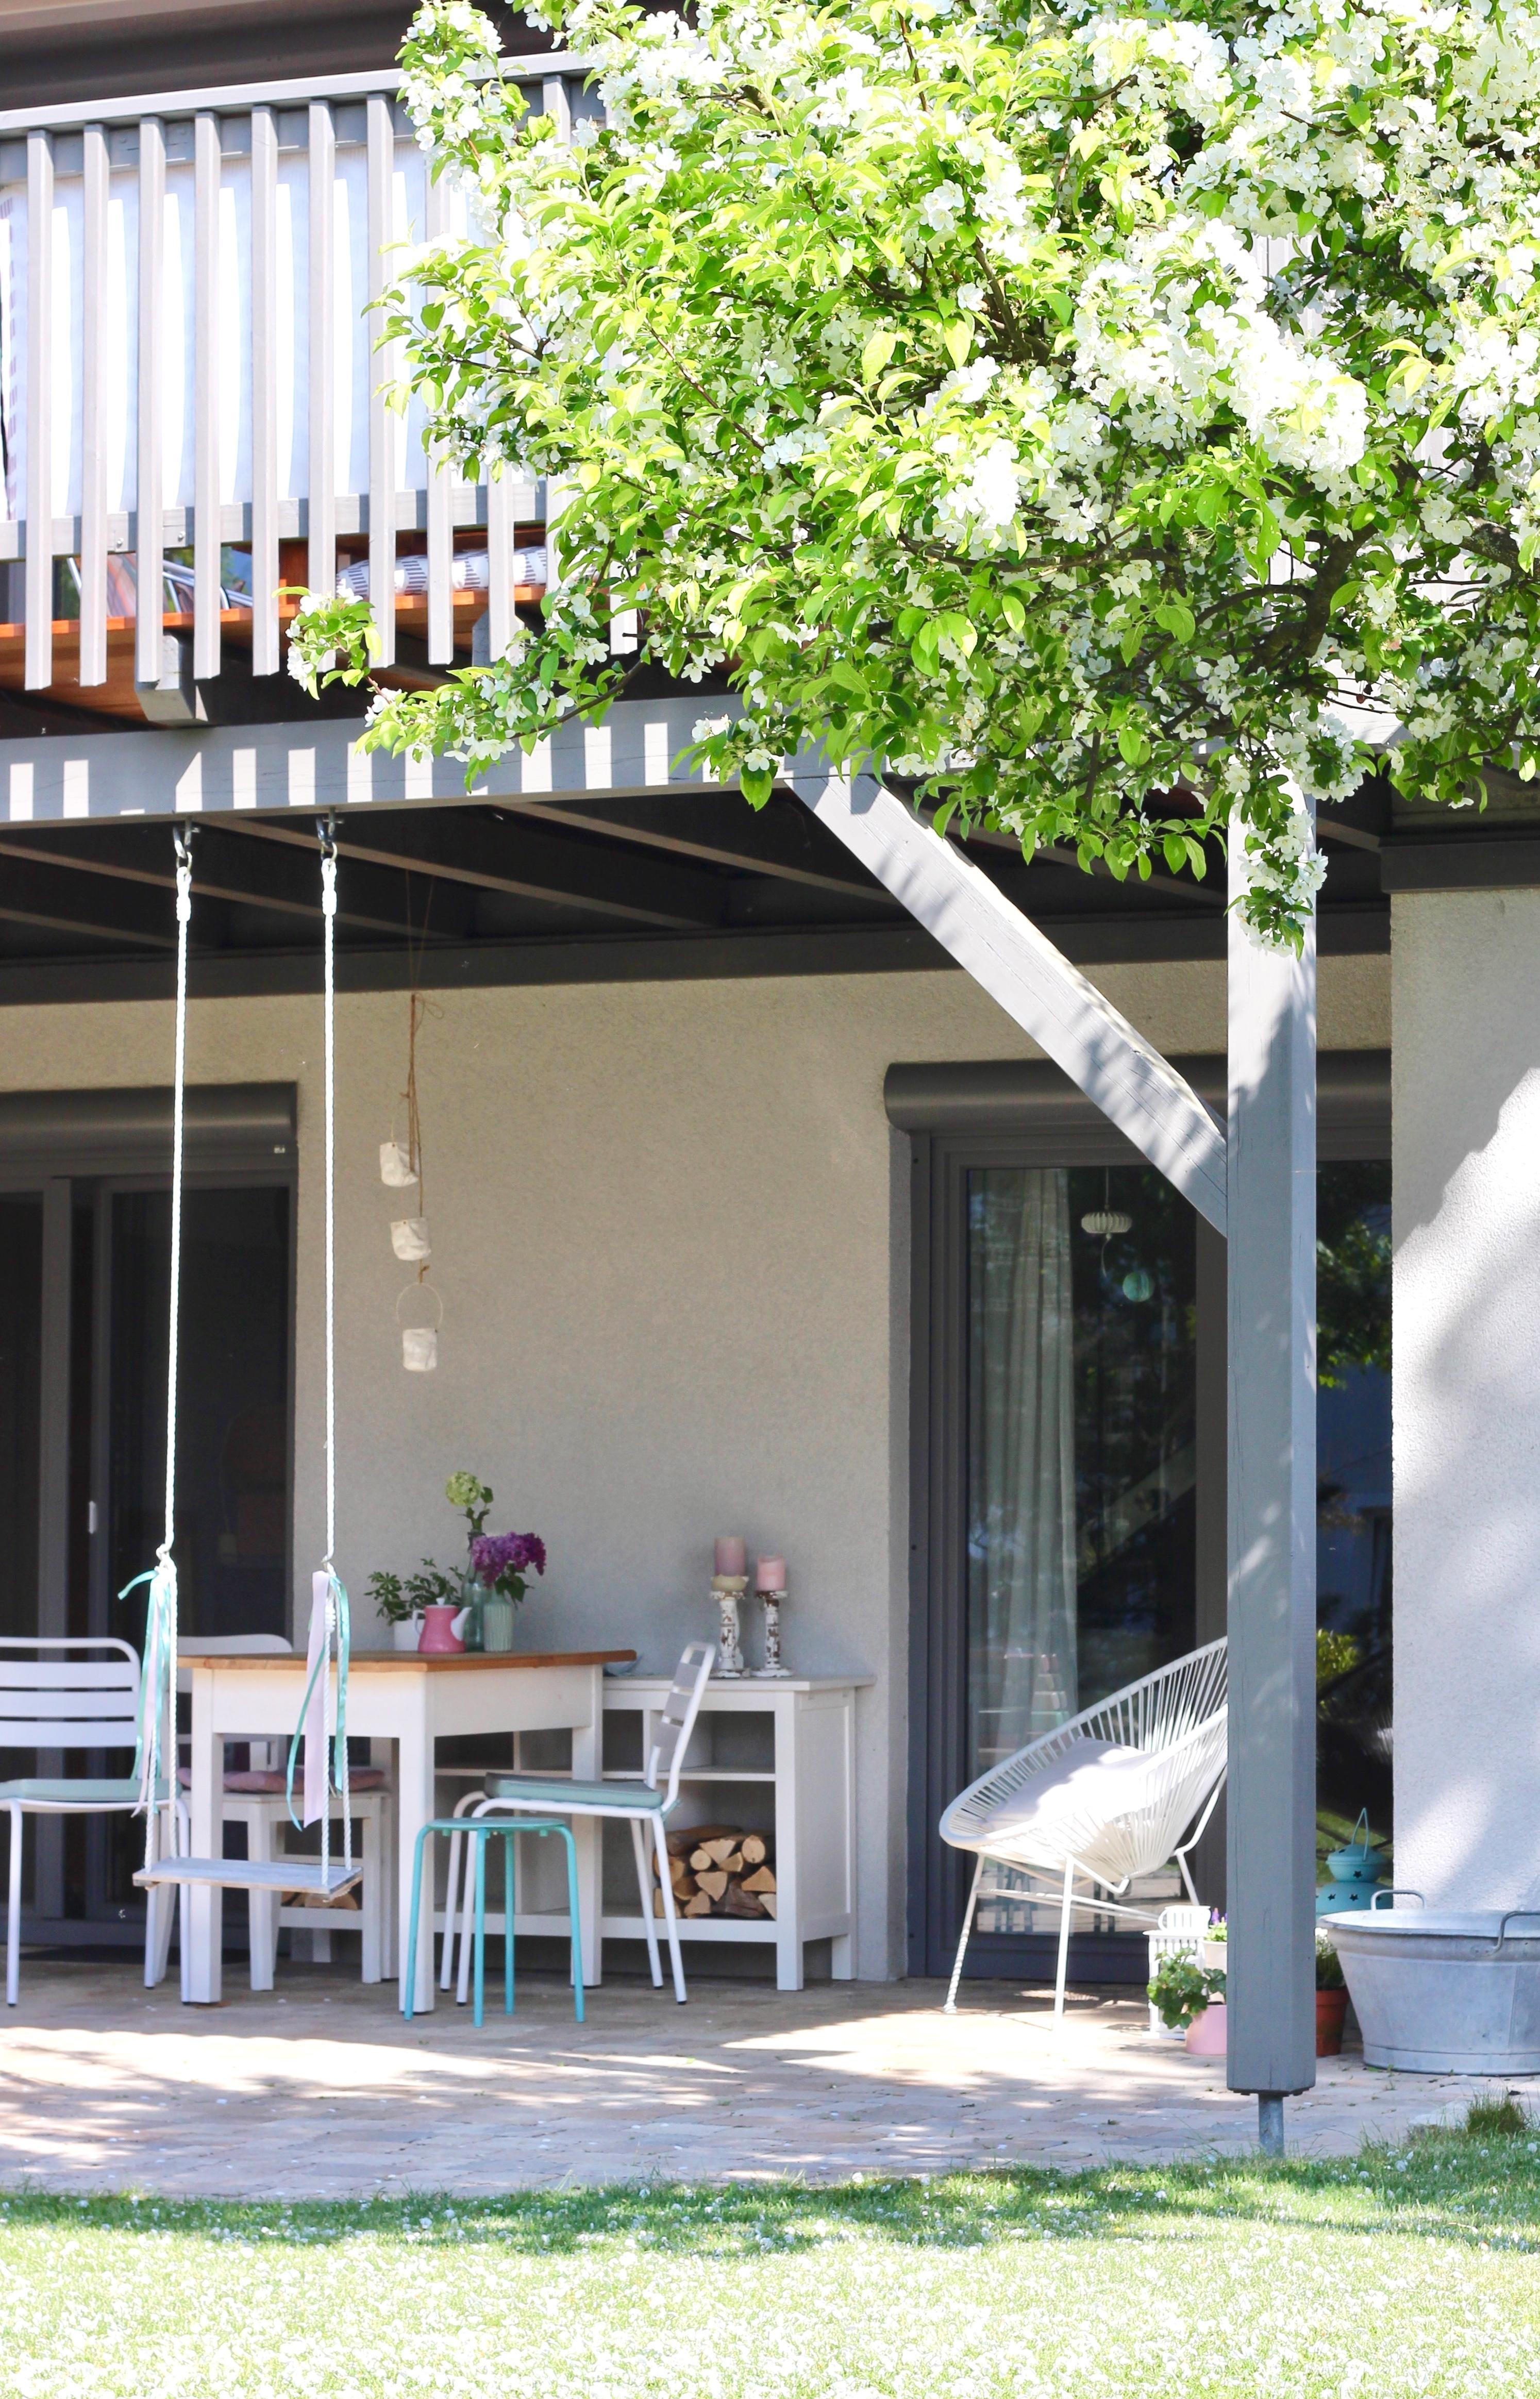 Gartenmöbel • Bilder & Ideen • COUCHstyle